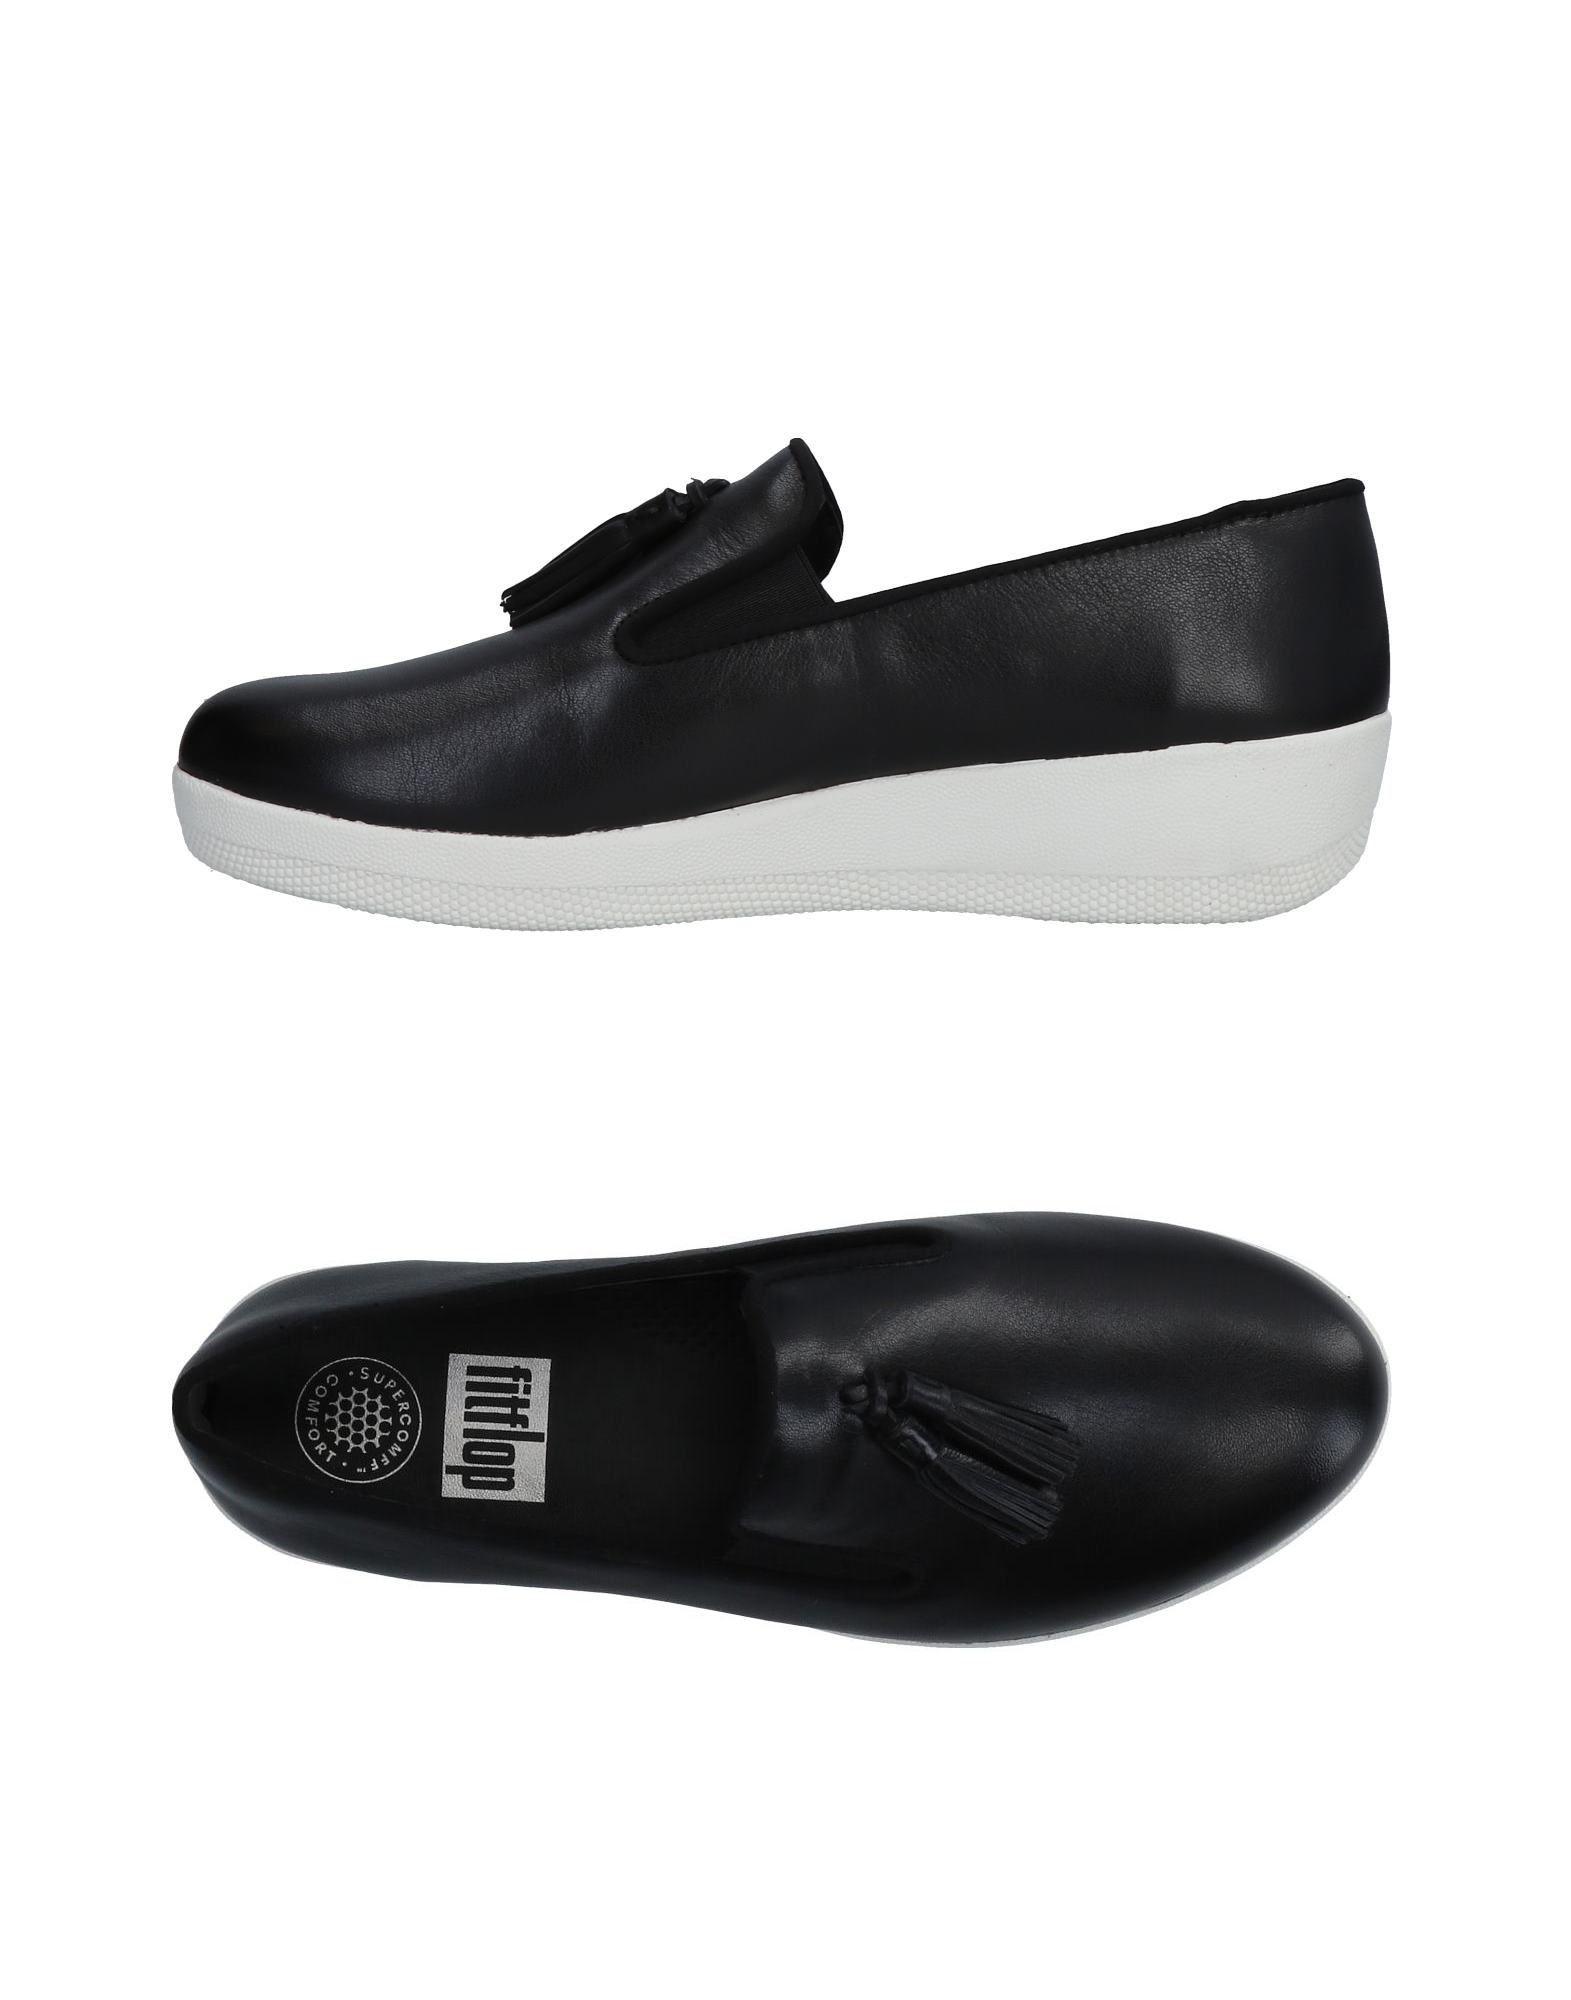 Fitflop Mokassins Damen  11474565KI Gute Qualität beliebte Schuhe